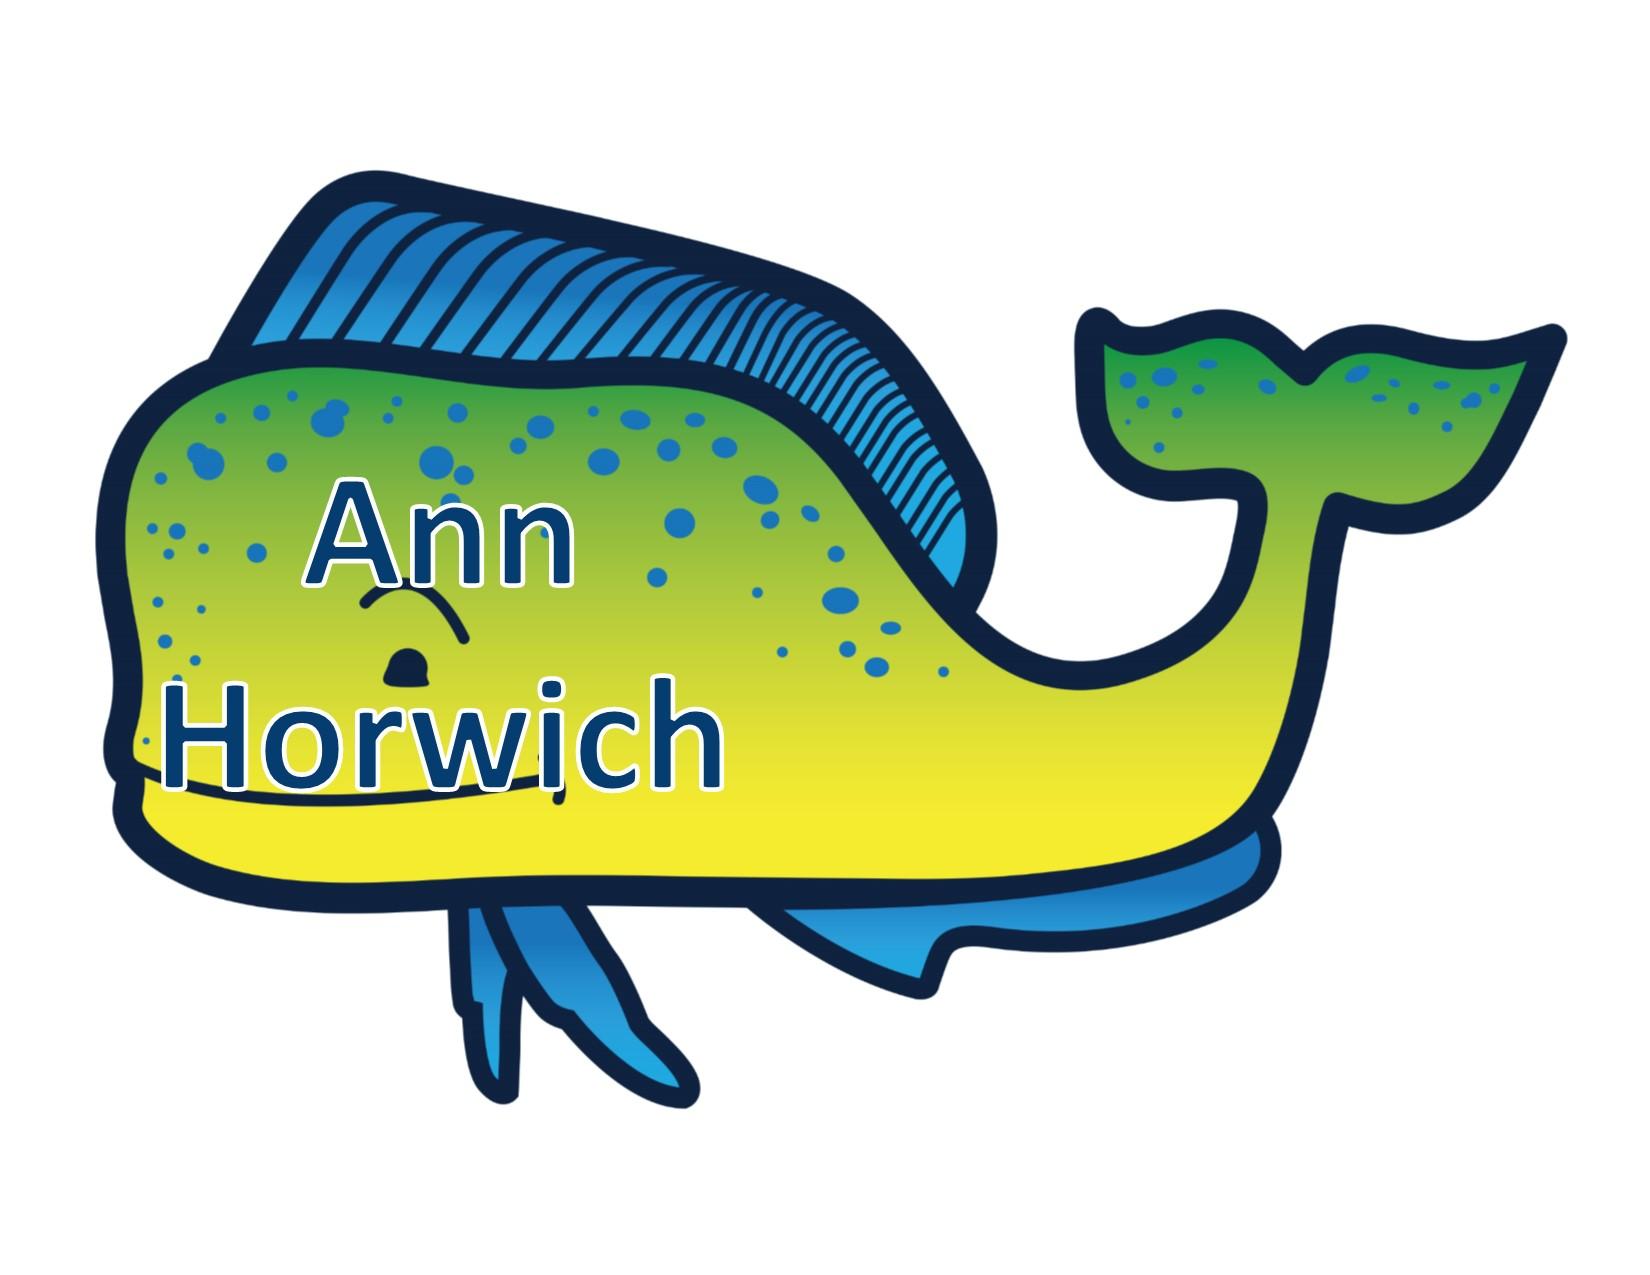 Horwich, Ann.jpg